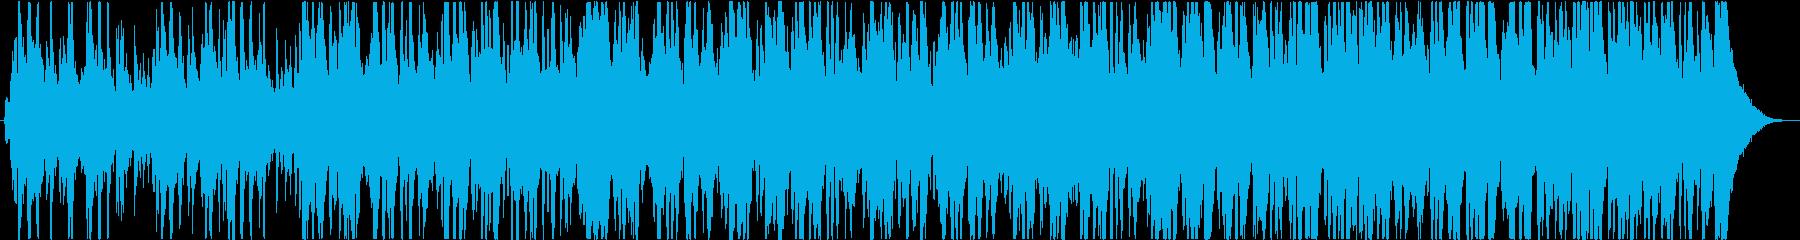 魔法のクリスマス音楽の再生済みの波形